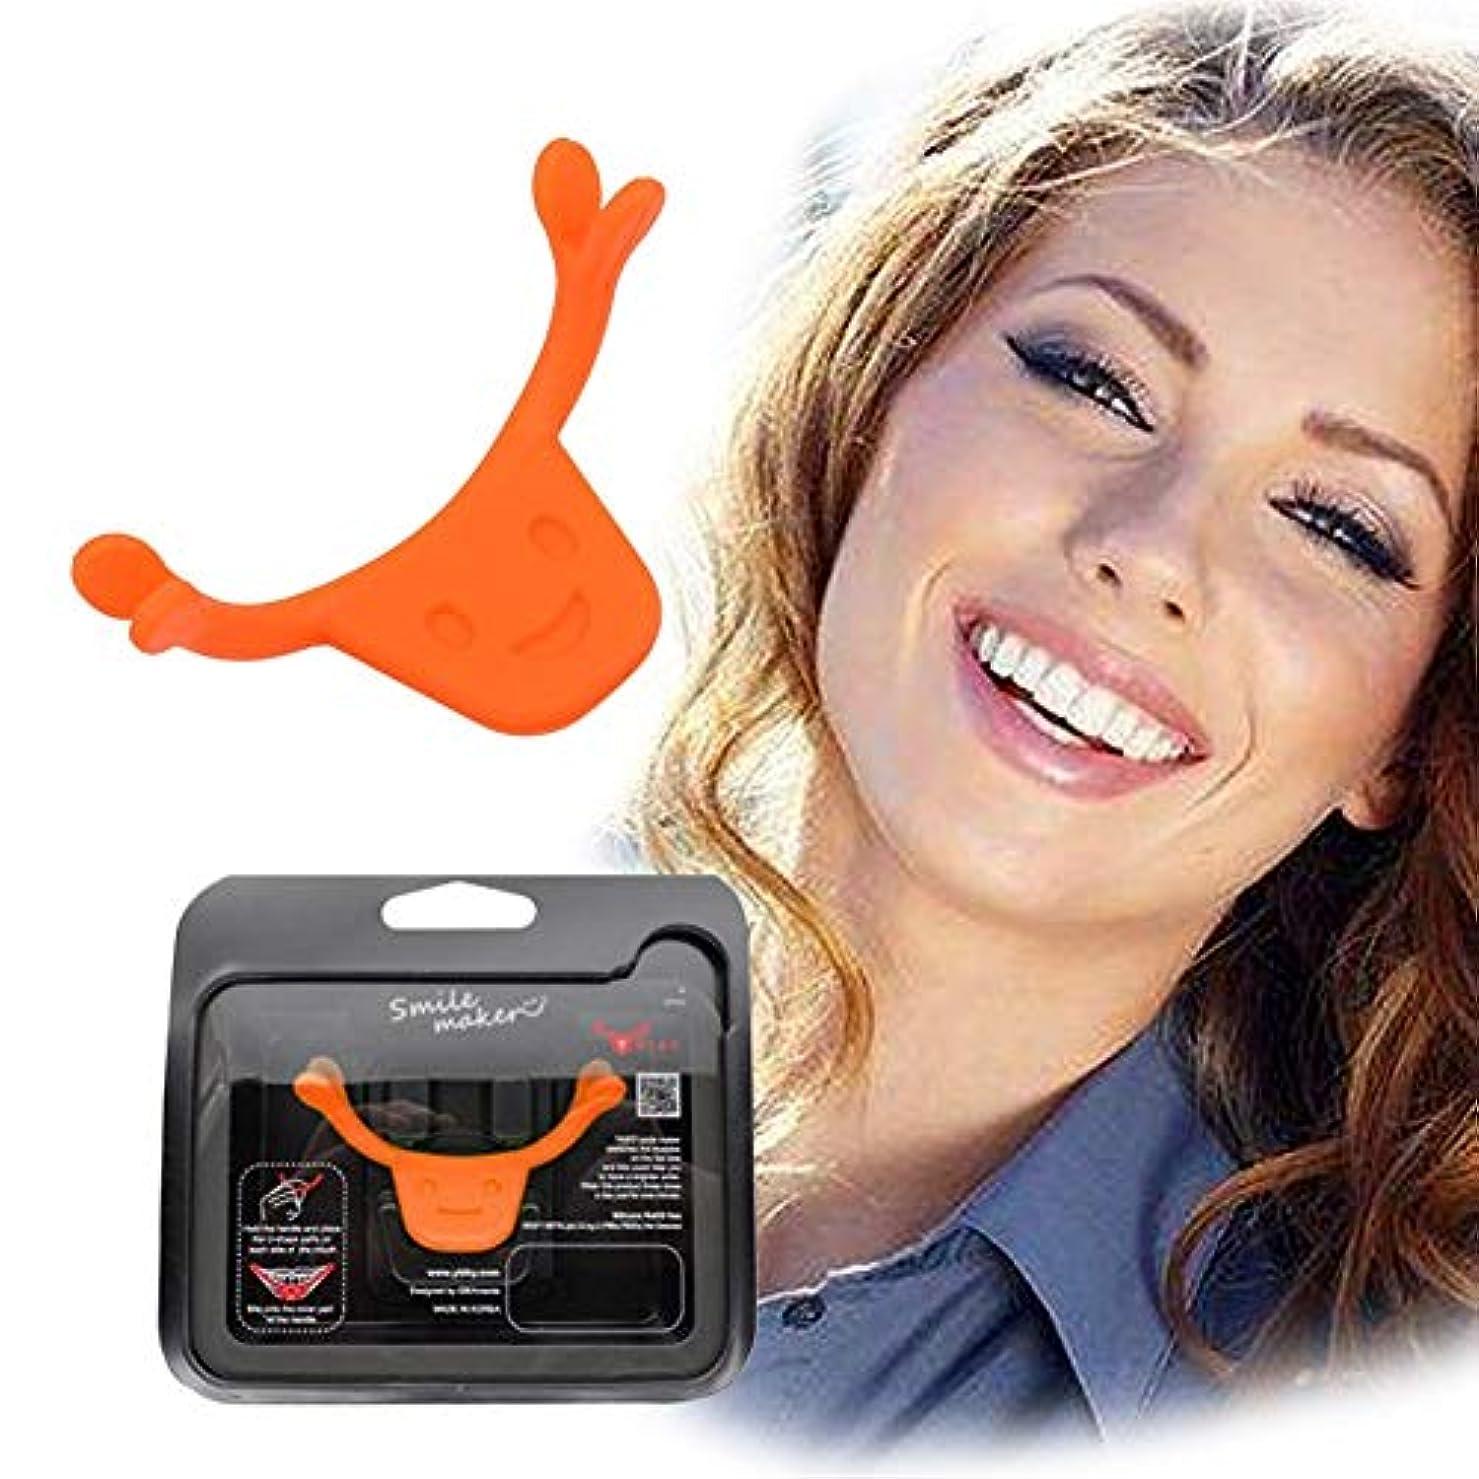 重くする換気求めるBasong 小顔矯正 顔痩せグッズ フェイストレーニング 笑顔練習 スマイル矯正 口角上げる 口角アップ リフトアップ オレンジ